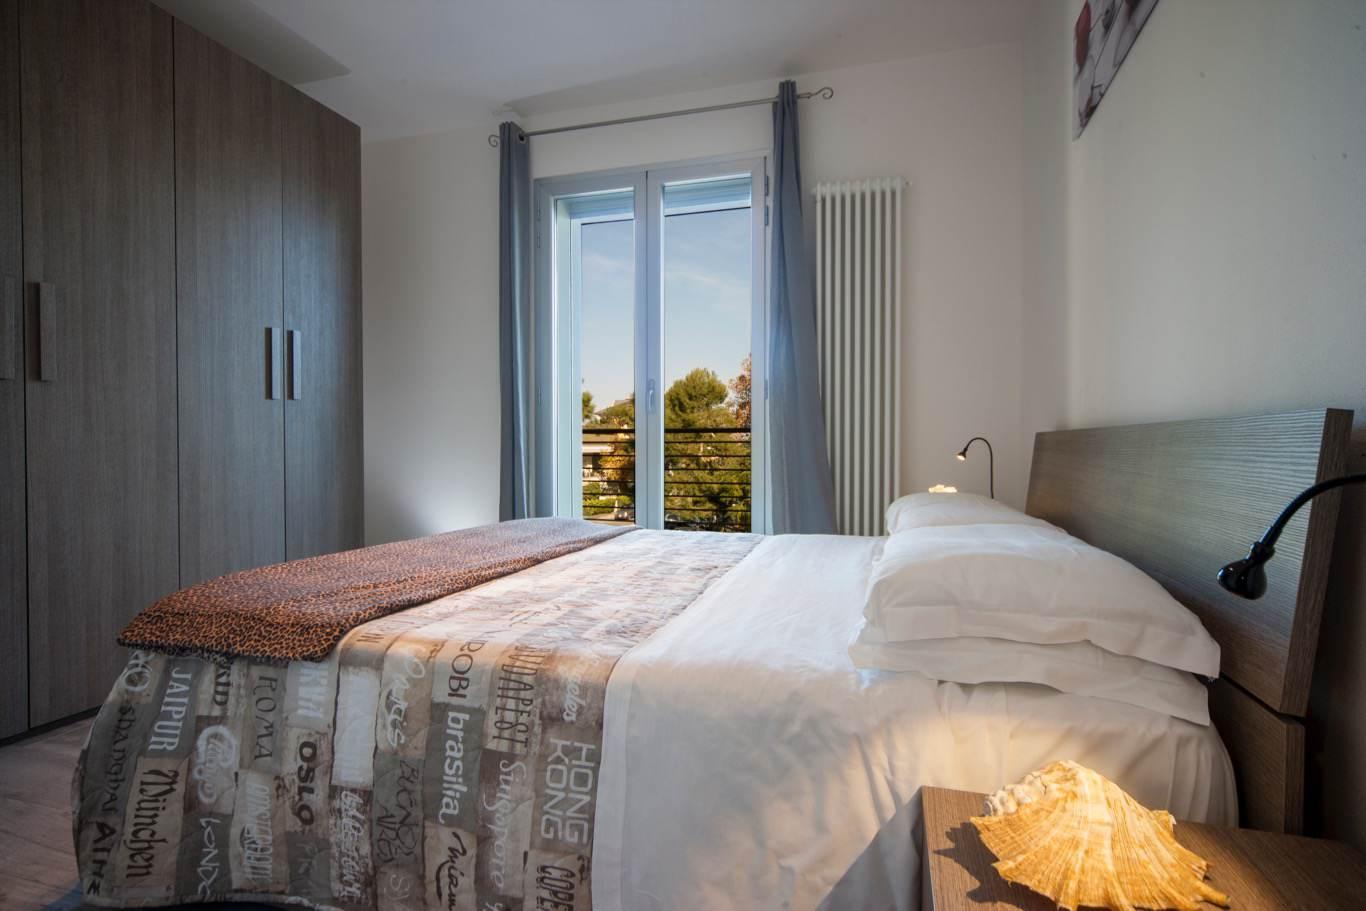 Appartamenti riccione vicino al mare e viale ceccarini for Appartamenti barcellona vicino al mare